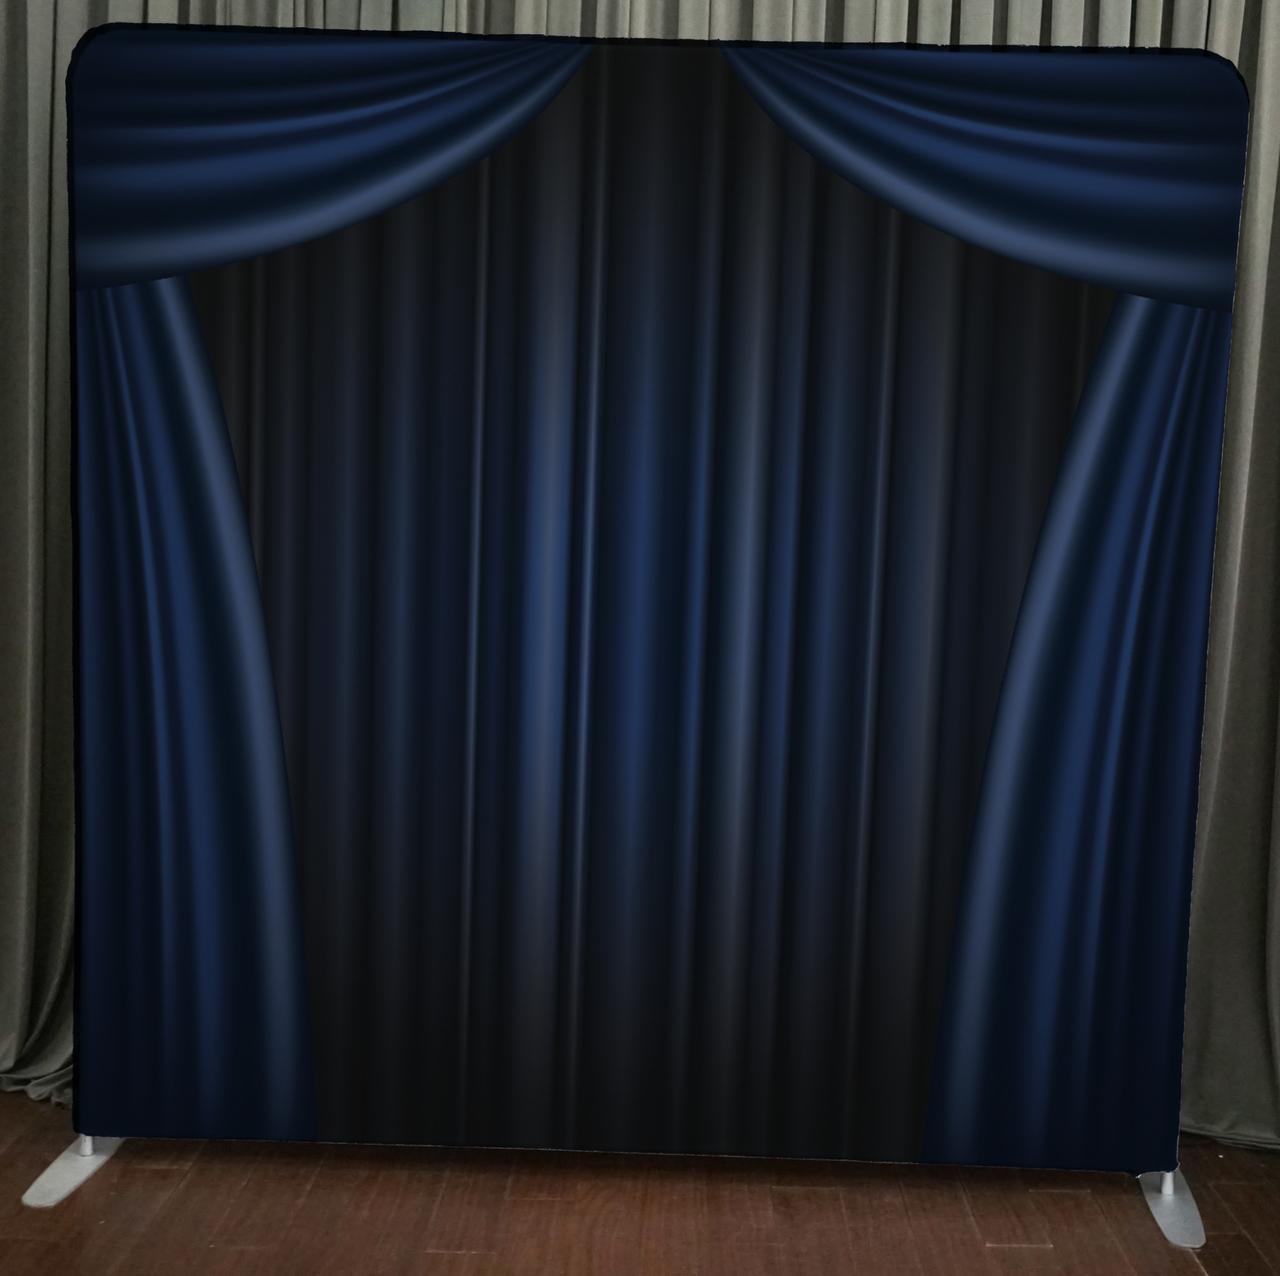 Stand_2_-_Blue_Curtain__09776.1471303934.jpg